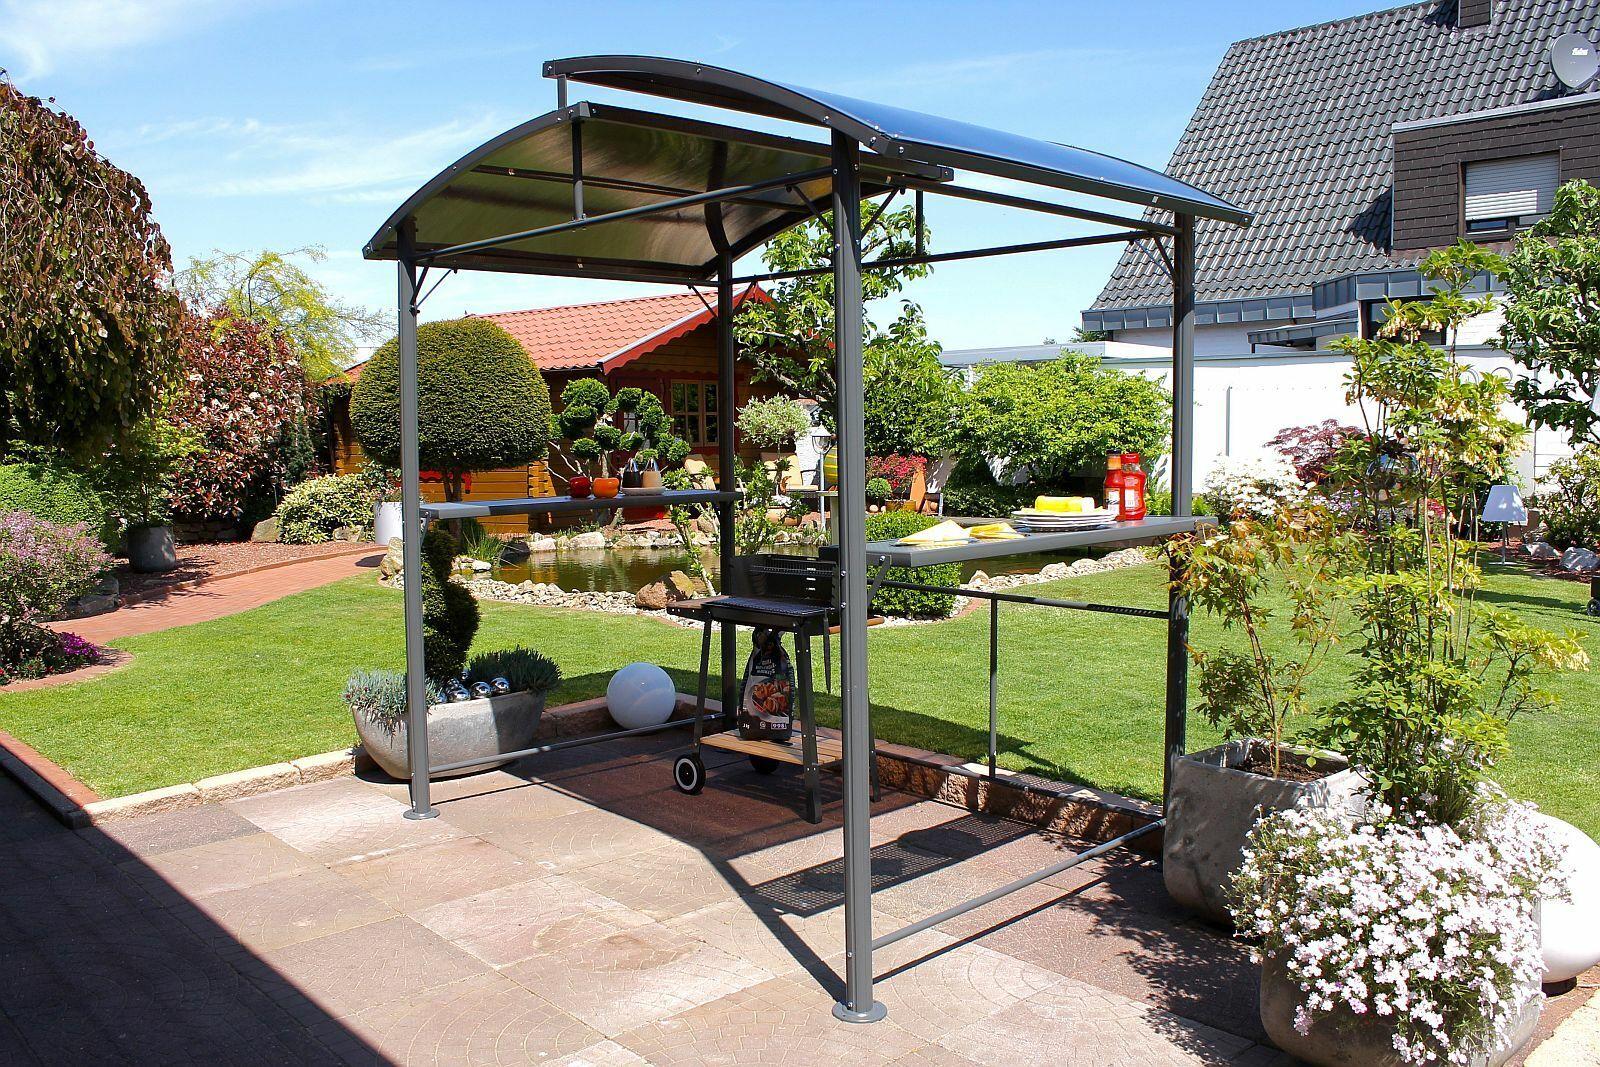 Outdoorküche Möbel Test : Gartenküche test die besten outdoor küchen im vergleich